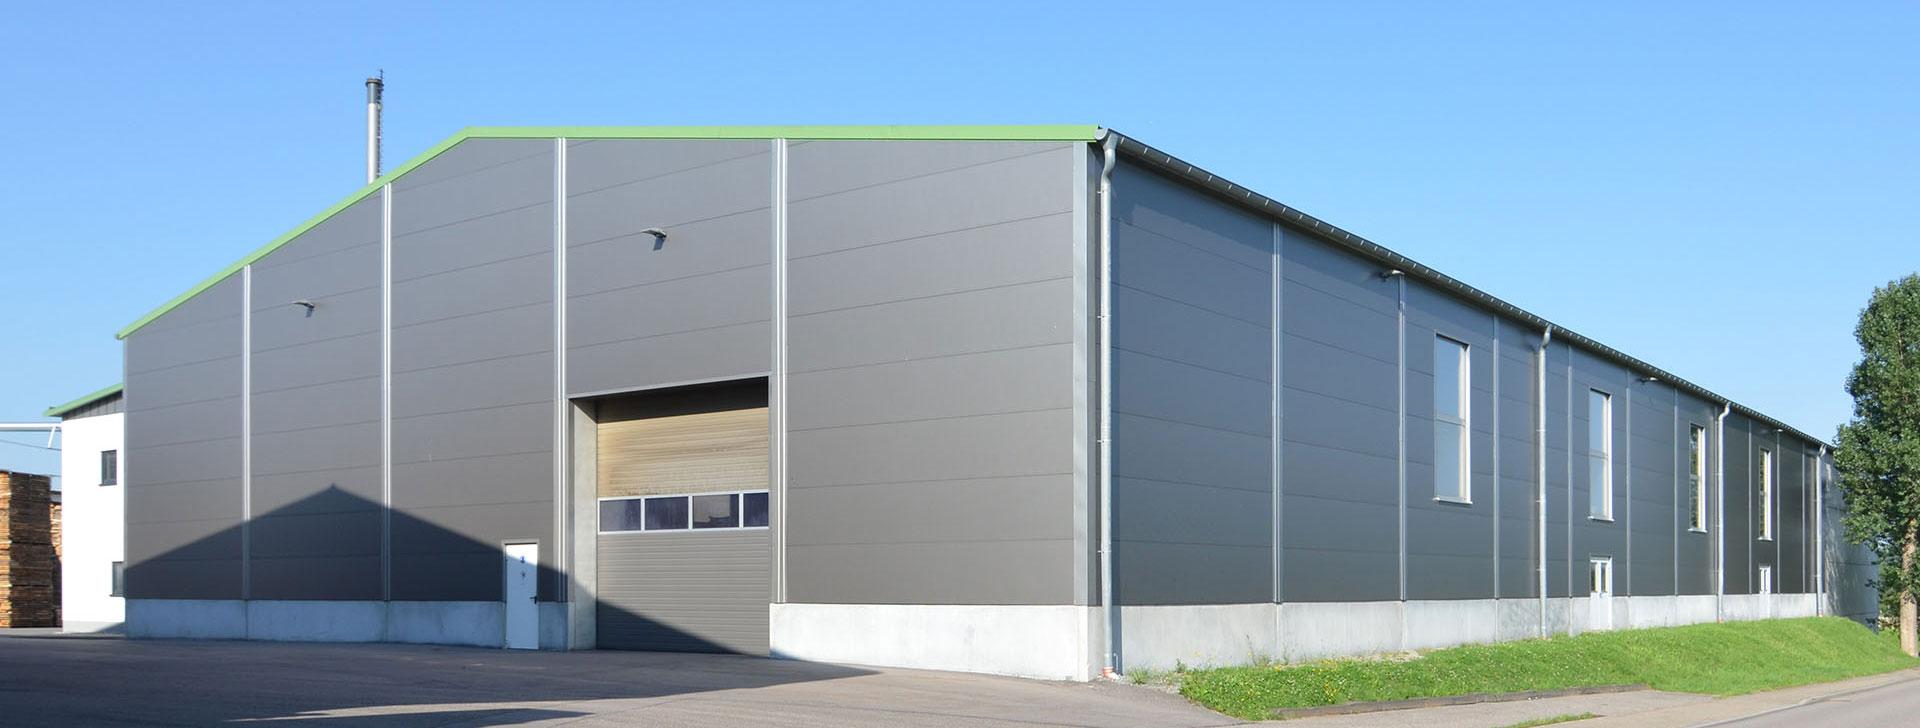 Prächtig Stahlhallen für Produktion und Lagerung für das Gewerbe @XK_73